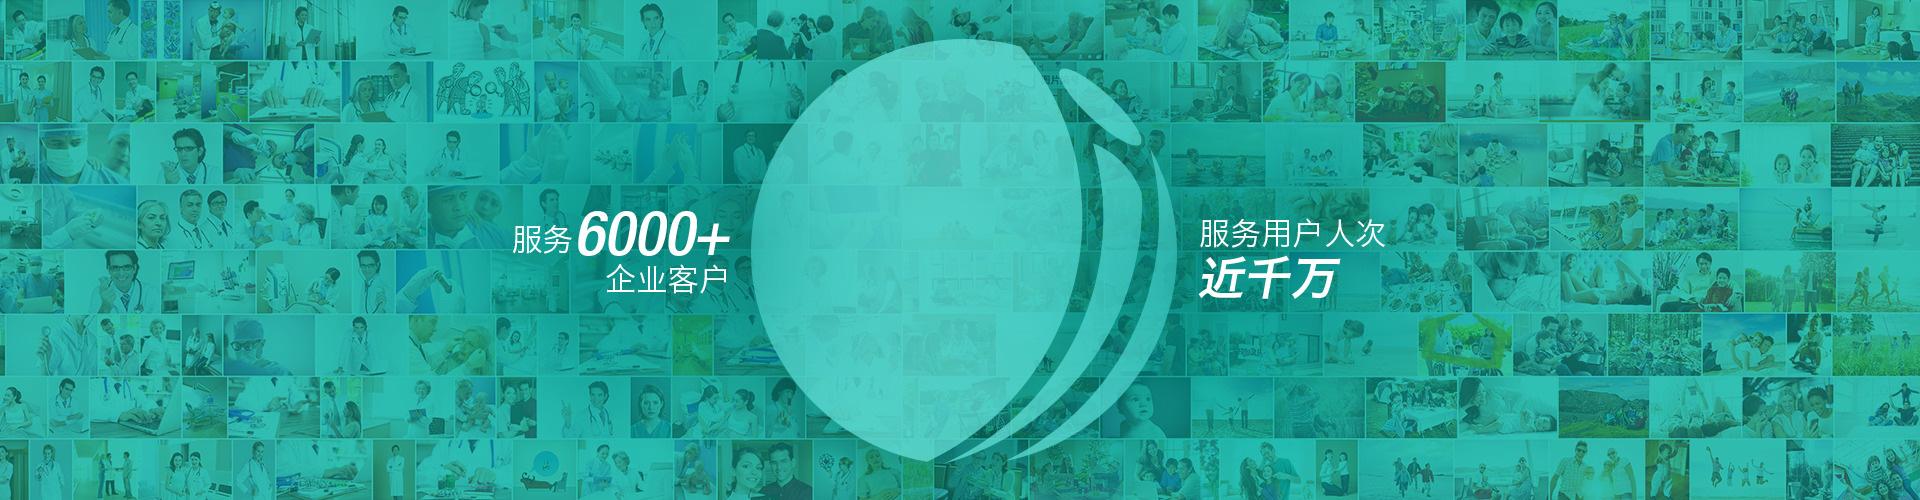 健康(kang)體檢 體檢網 一站(zhan)式體檢 體檢項(xiang)目(mu) 三甲(jia)公立(li)